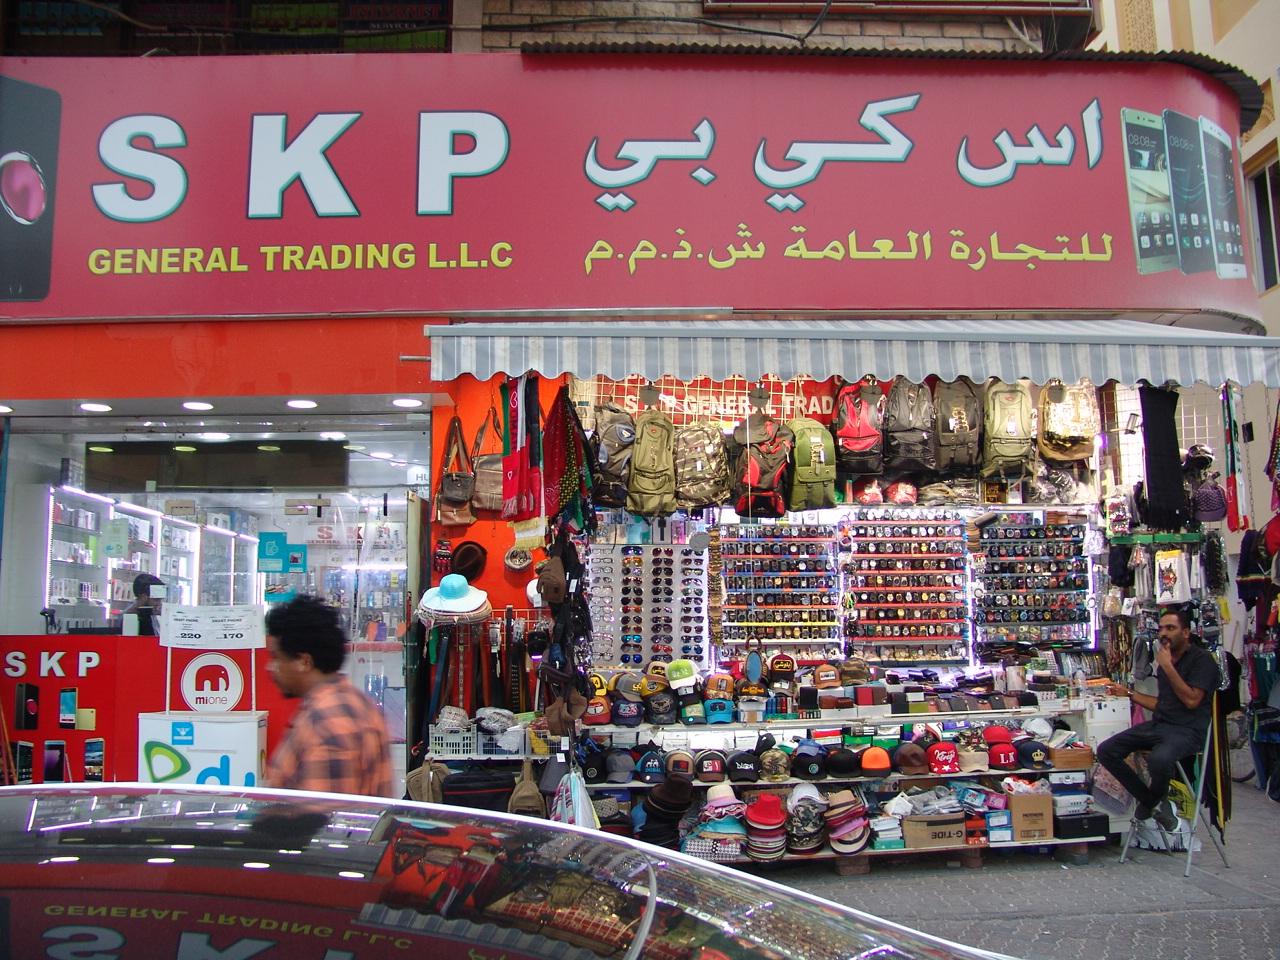 SKP General Trading - DSC01713.JPG